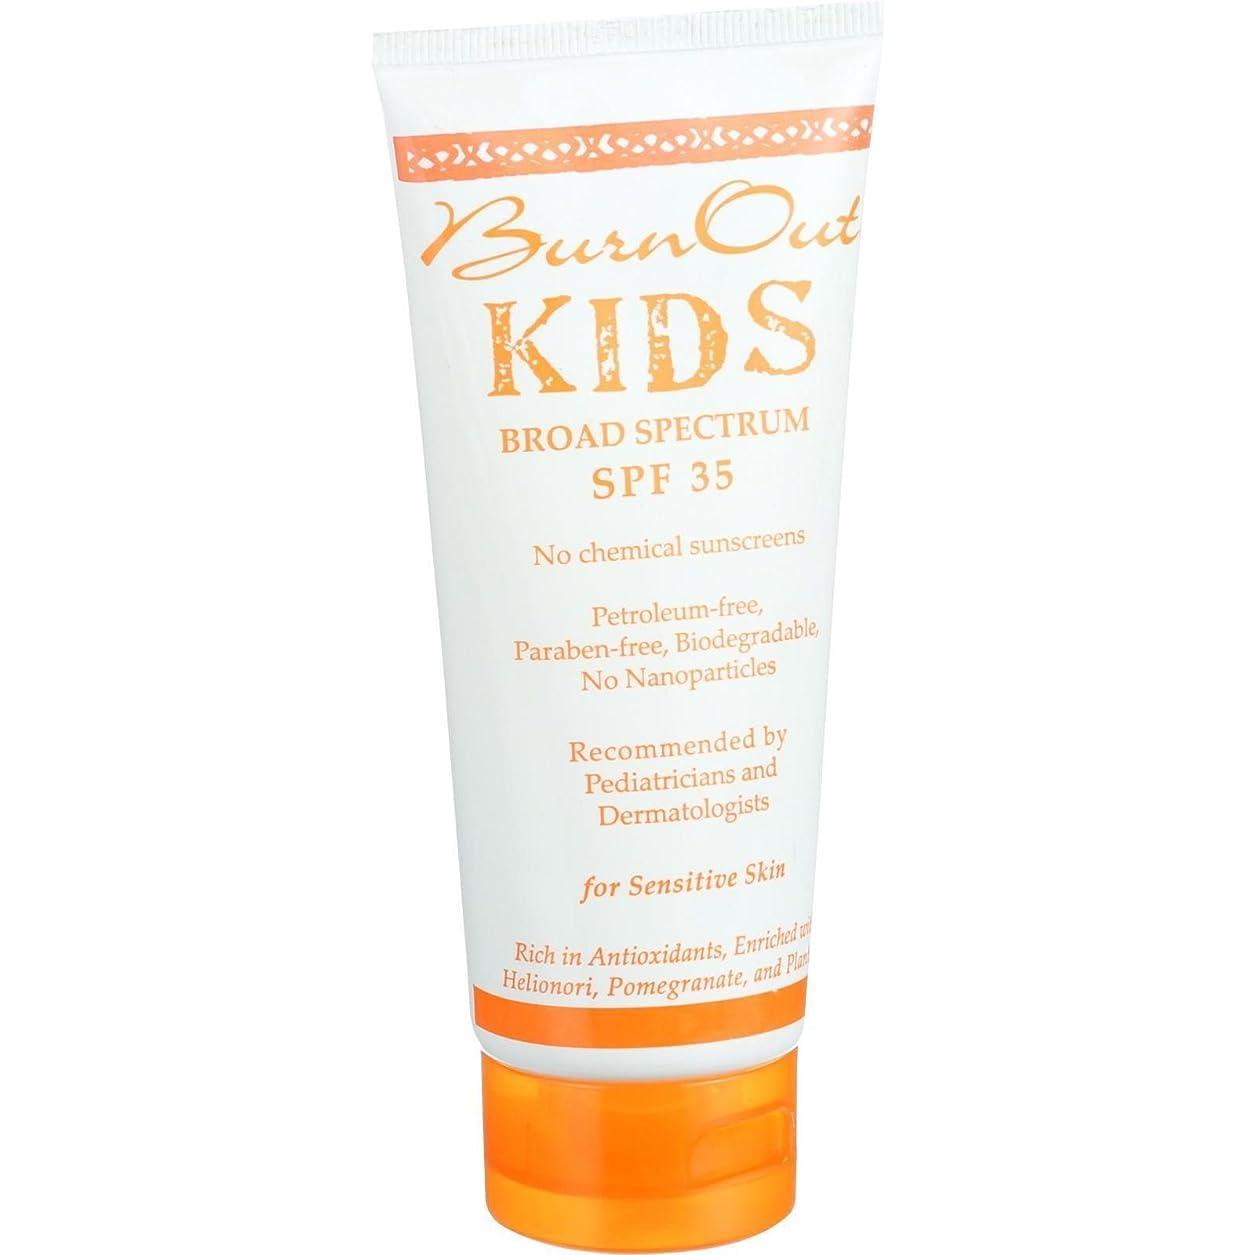 誰でも濃度プレフィックスBurn Out Physical Sunscreen - Kids - SPF 35 - 3.4 oz